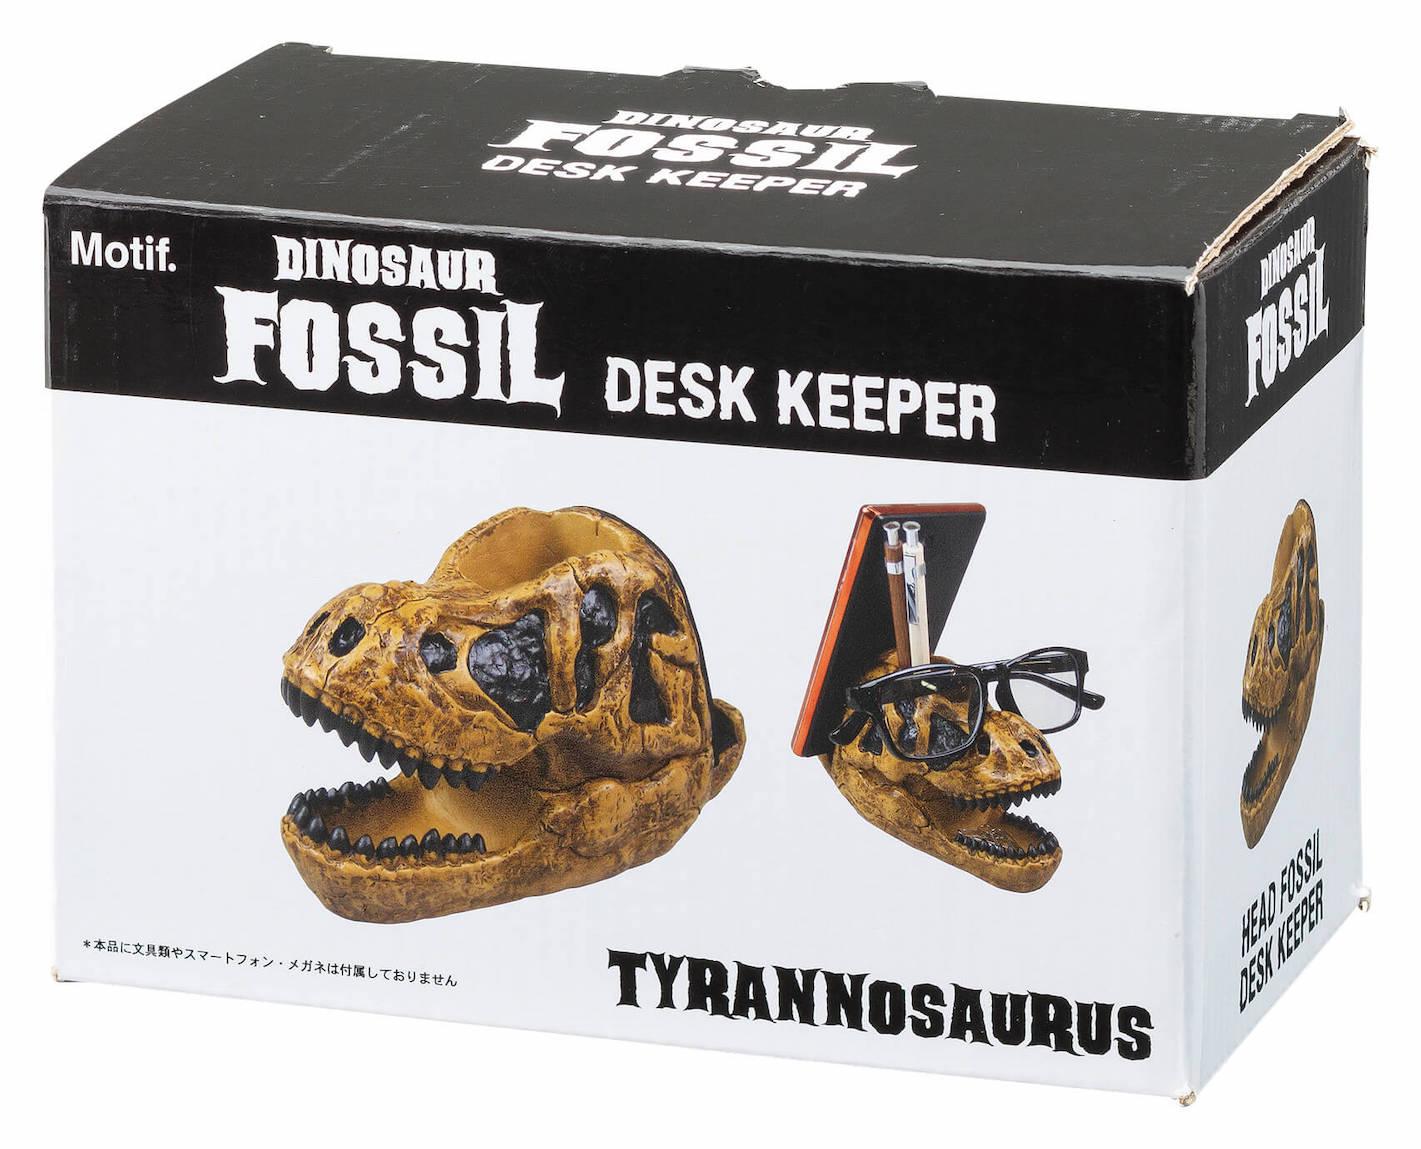 ティラノサウルス化石 デスクキーパー